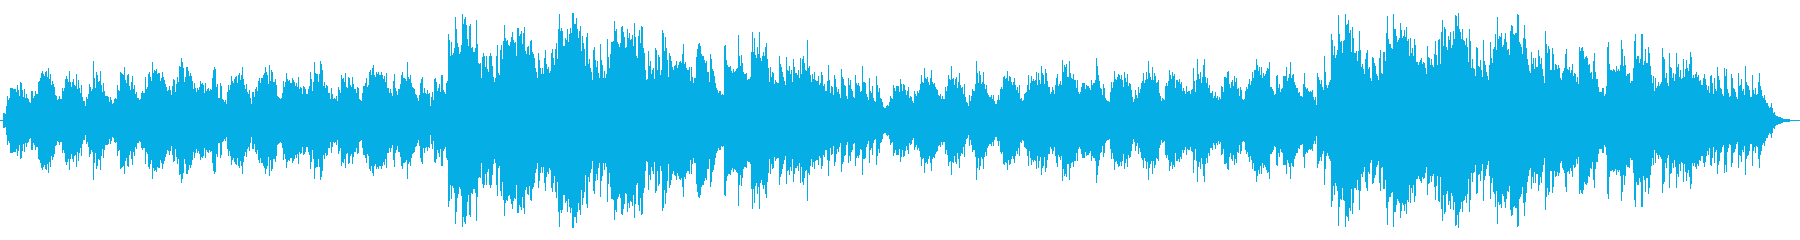 バイオリンとピアノの感傷的なバラードの再生済みの波形